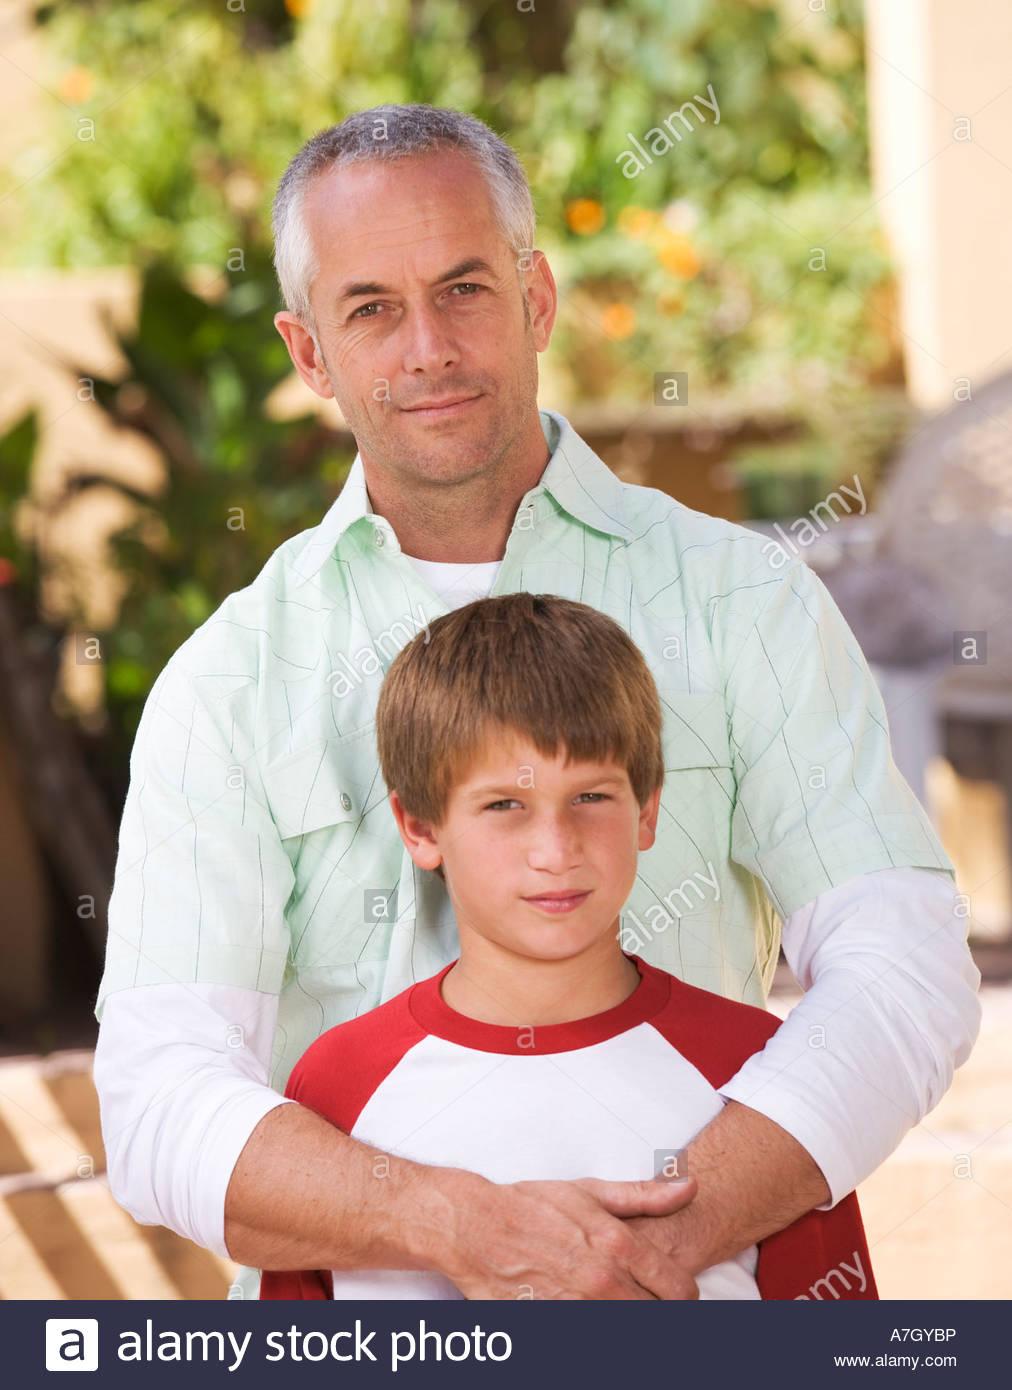 Retrato de un padre con su joven hijo Imagen De Stock